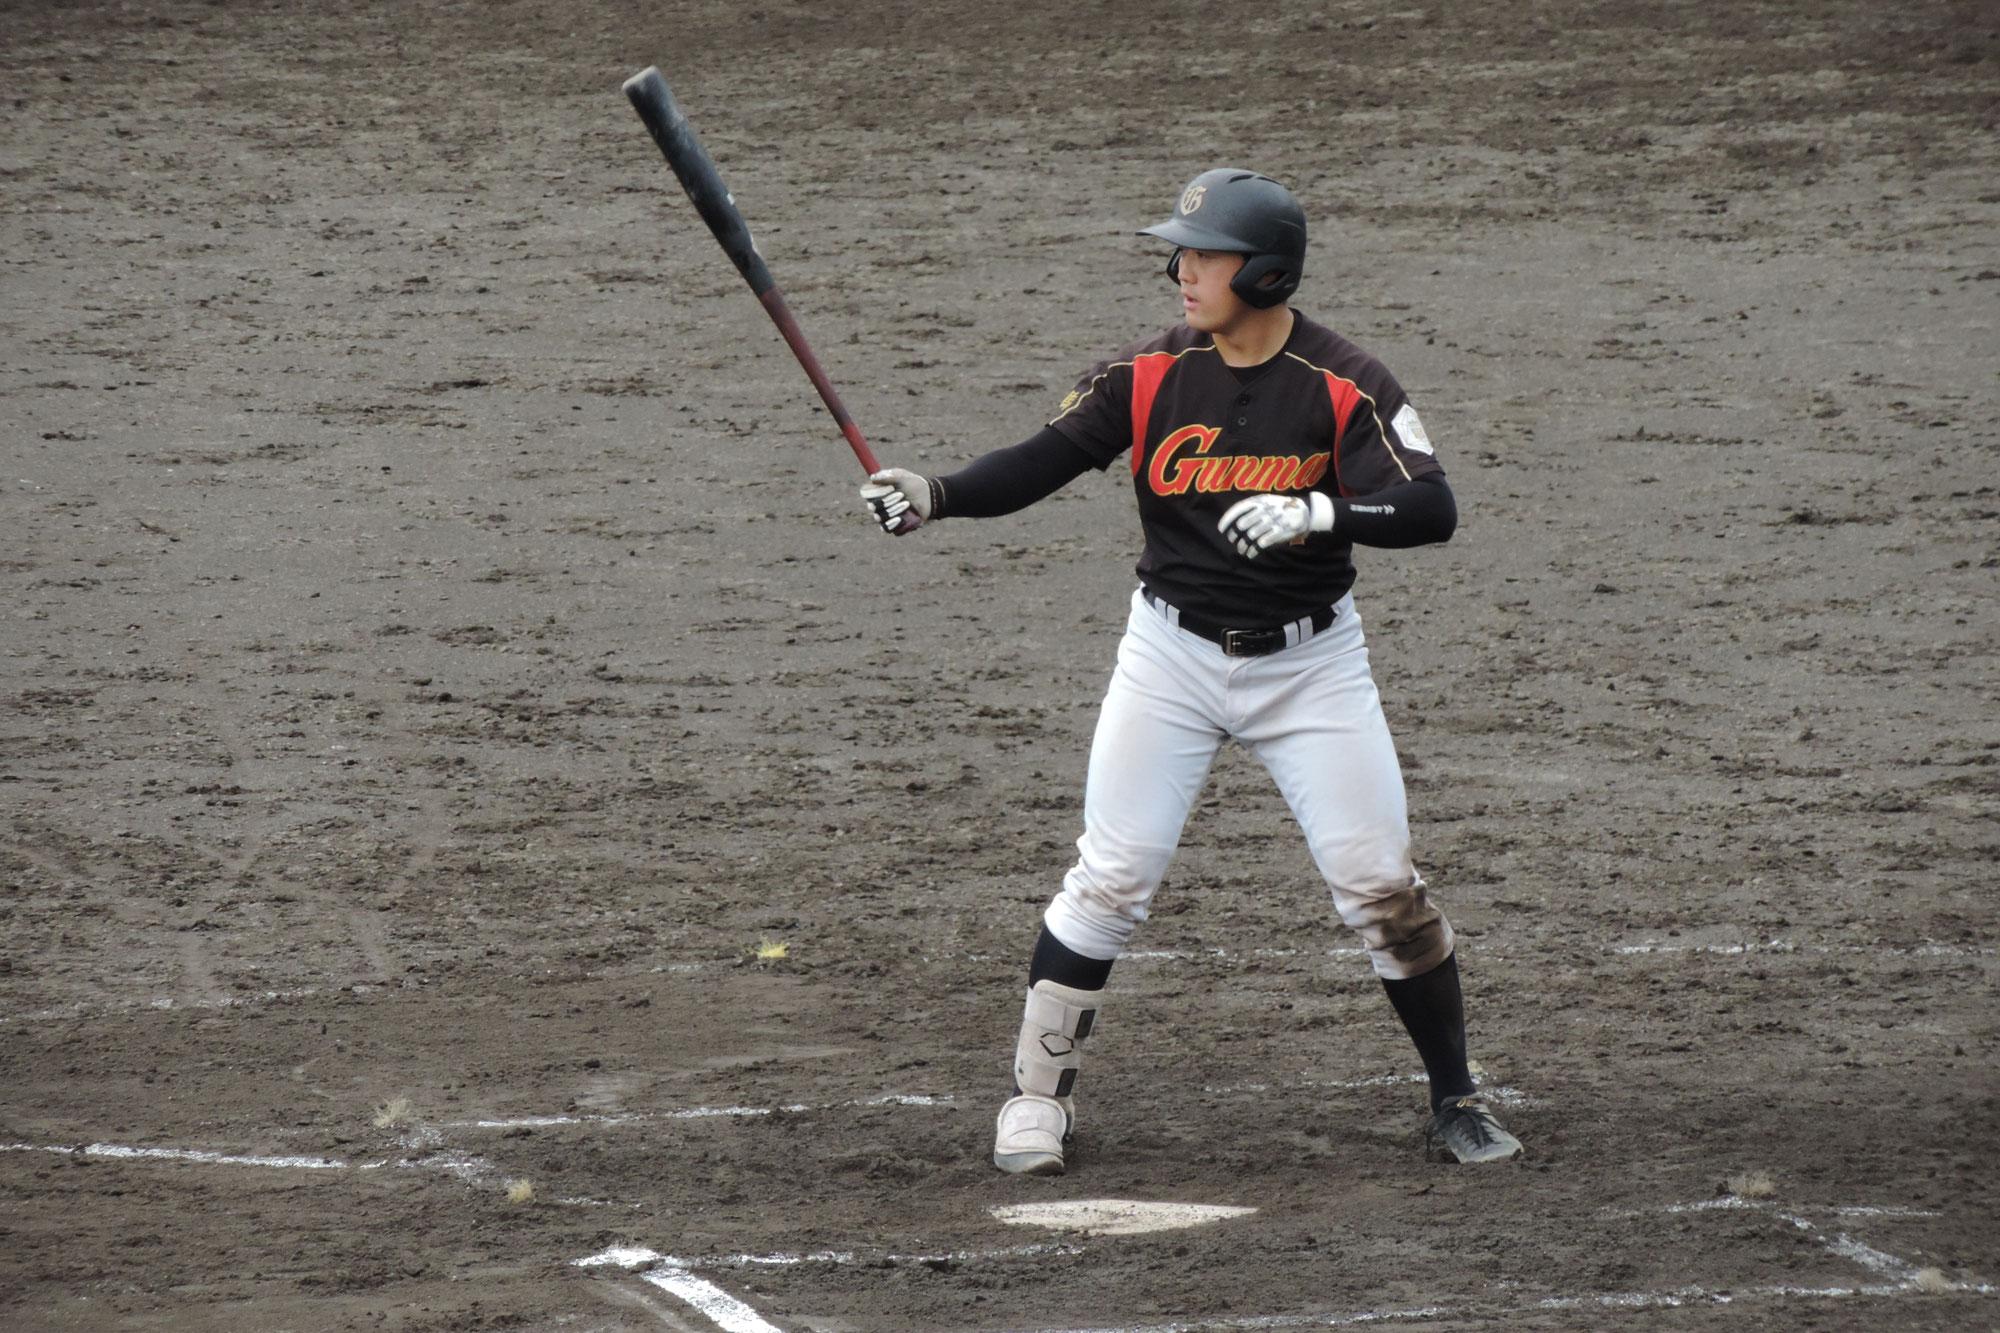 群馬ダイアモンドペガサス・戸松克仁選手(21年卒)がプロの世界で奮闘中